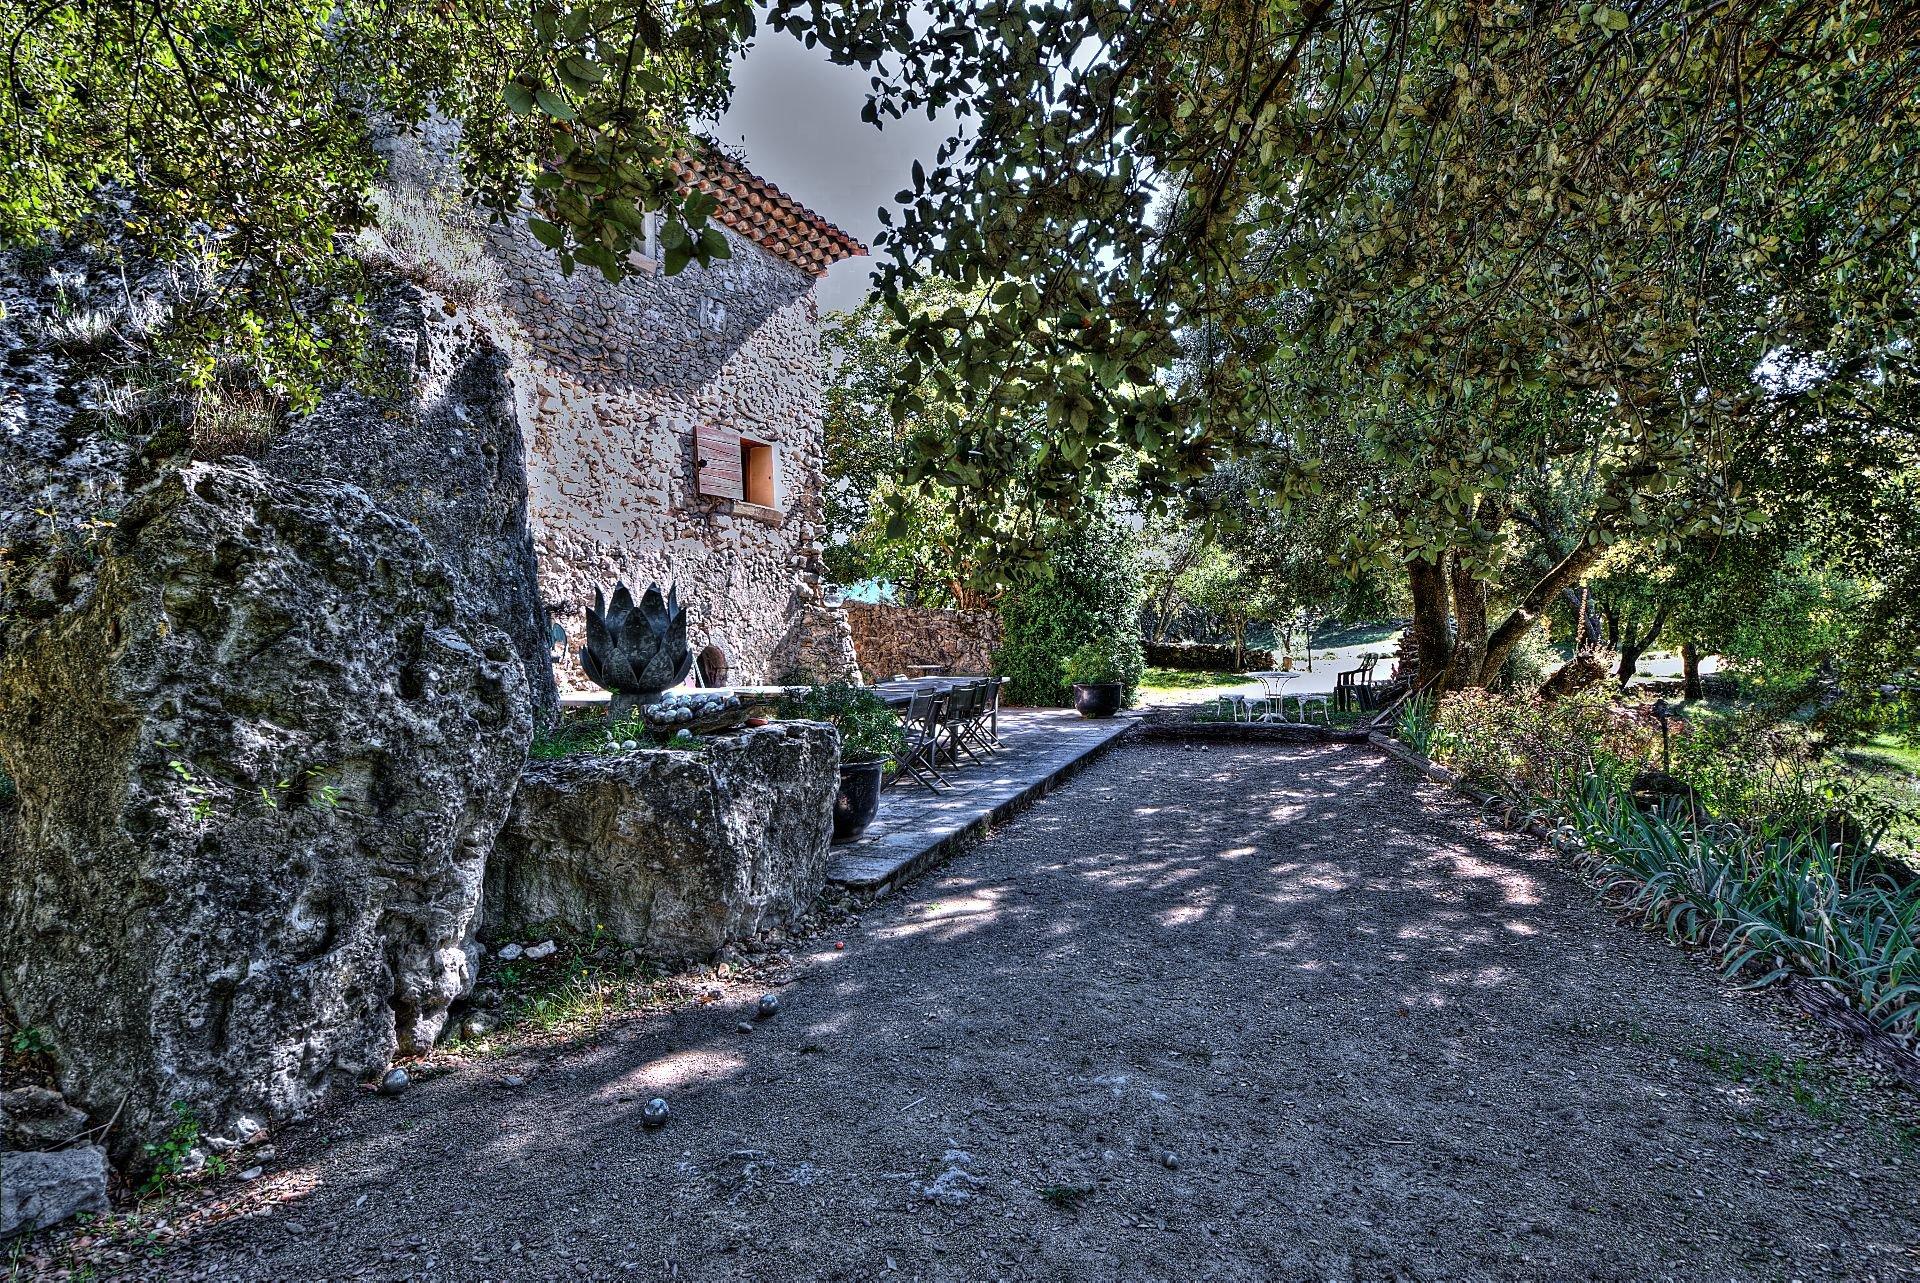 Terrain de pétanque de la propriété en  pierre de 35 ha haut Var Verdon